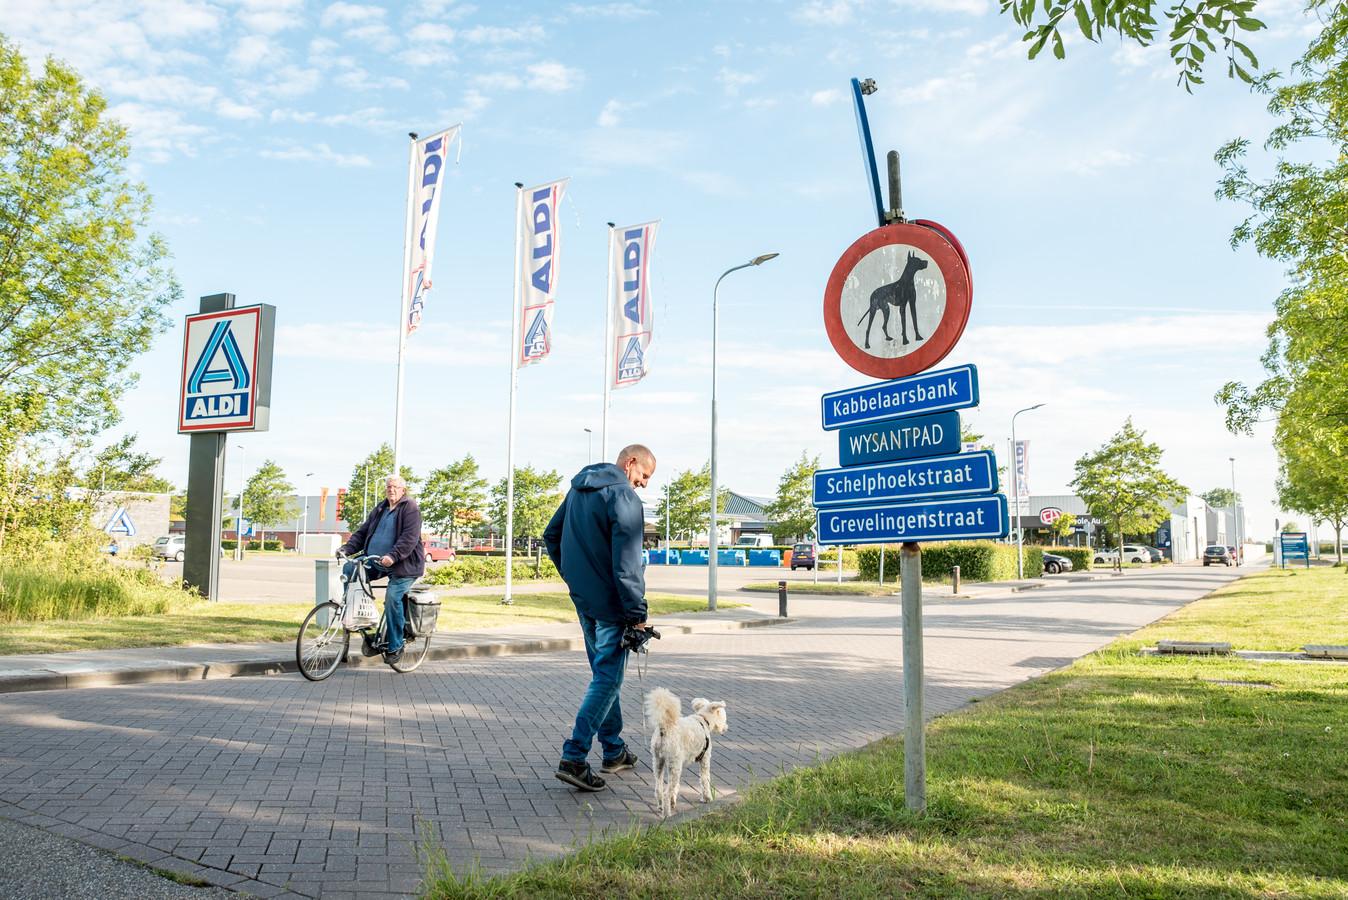 De gemeente wil de Grevelingenstraat in Zierikzee doortrekken en aansluiten op de N59.